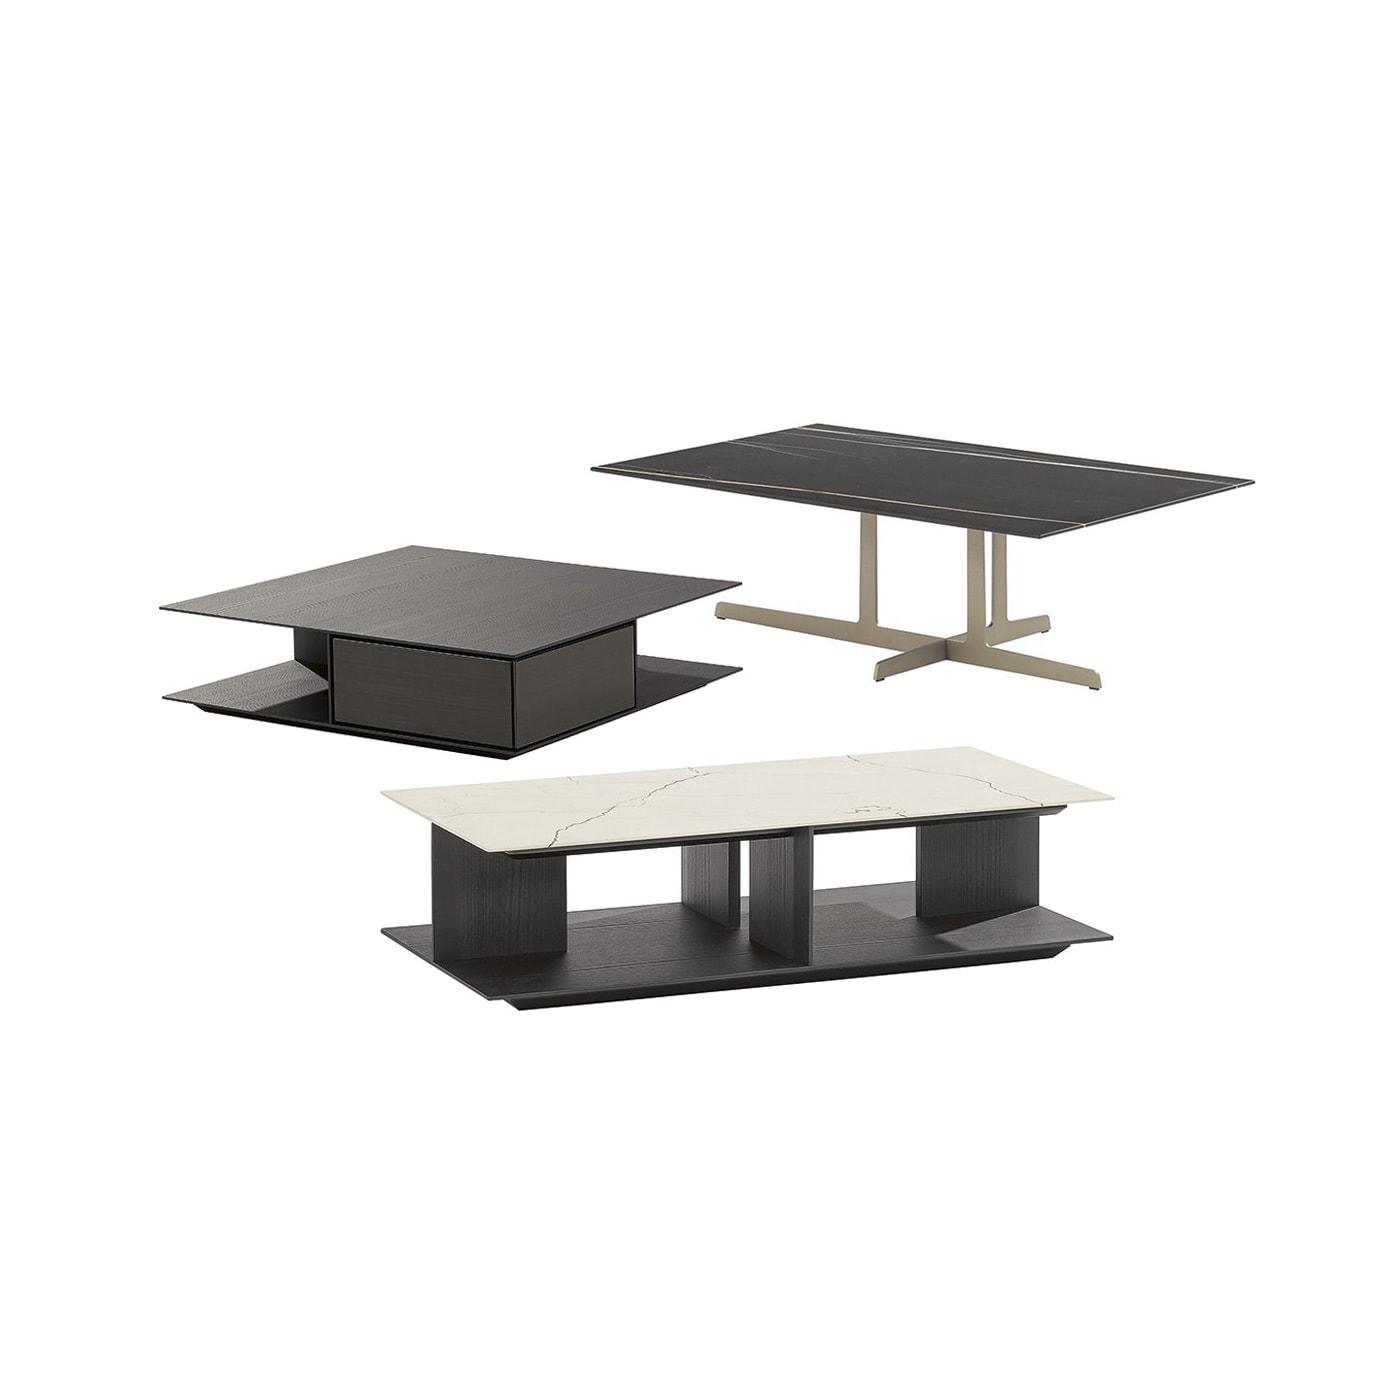 Poliform Westside tavolino in legno oppure marmo vendita online sullo shop dellachiara.it